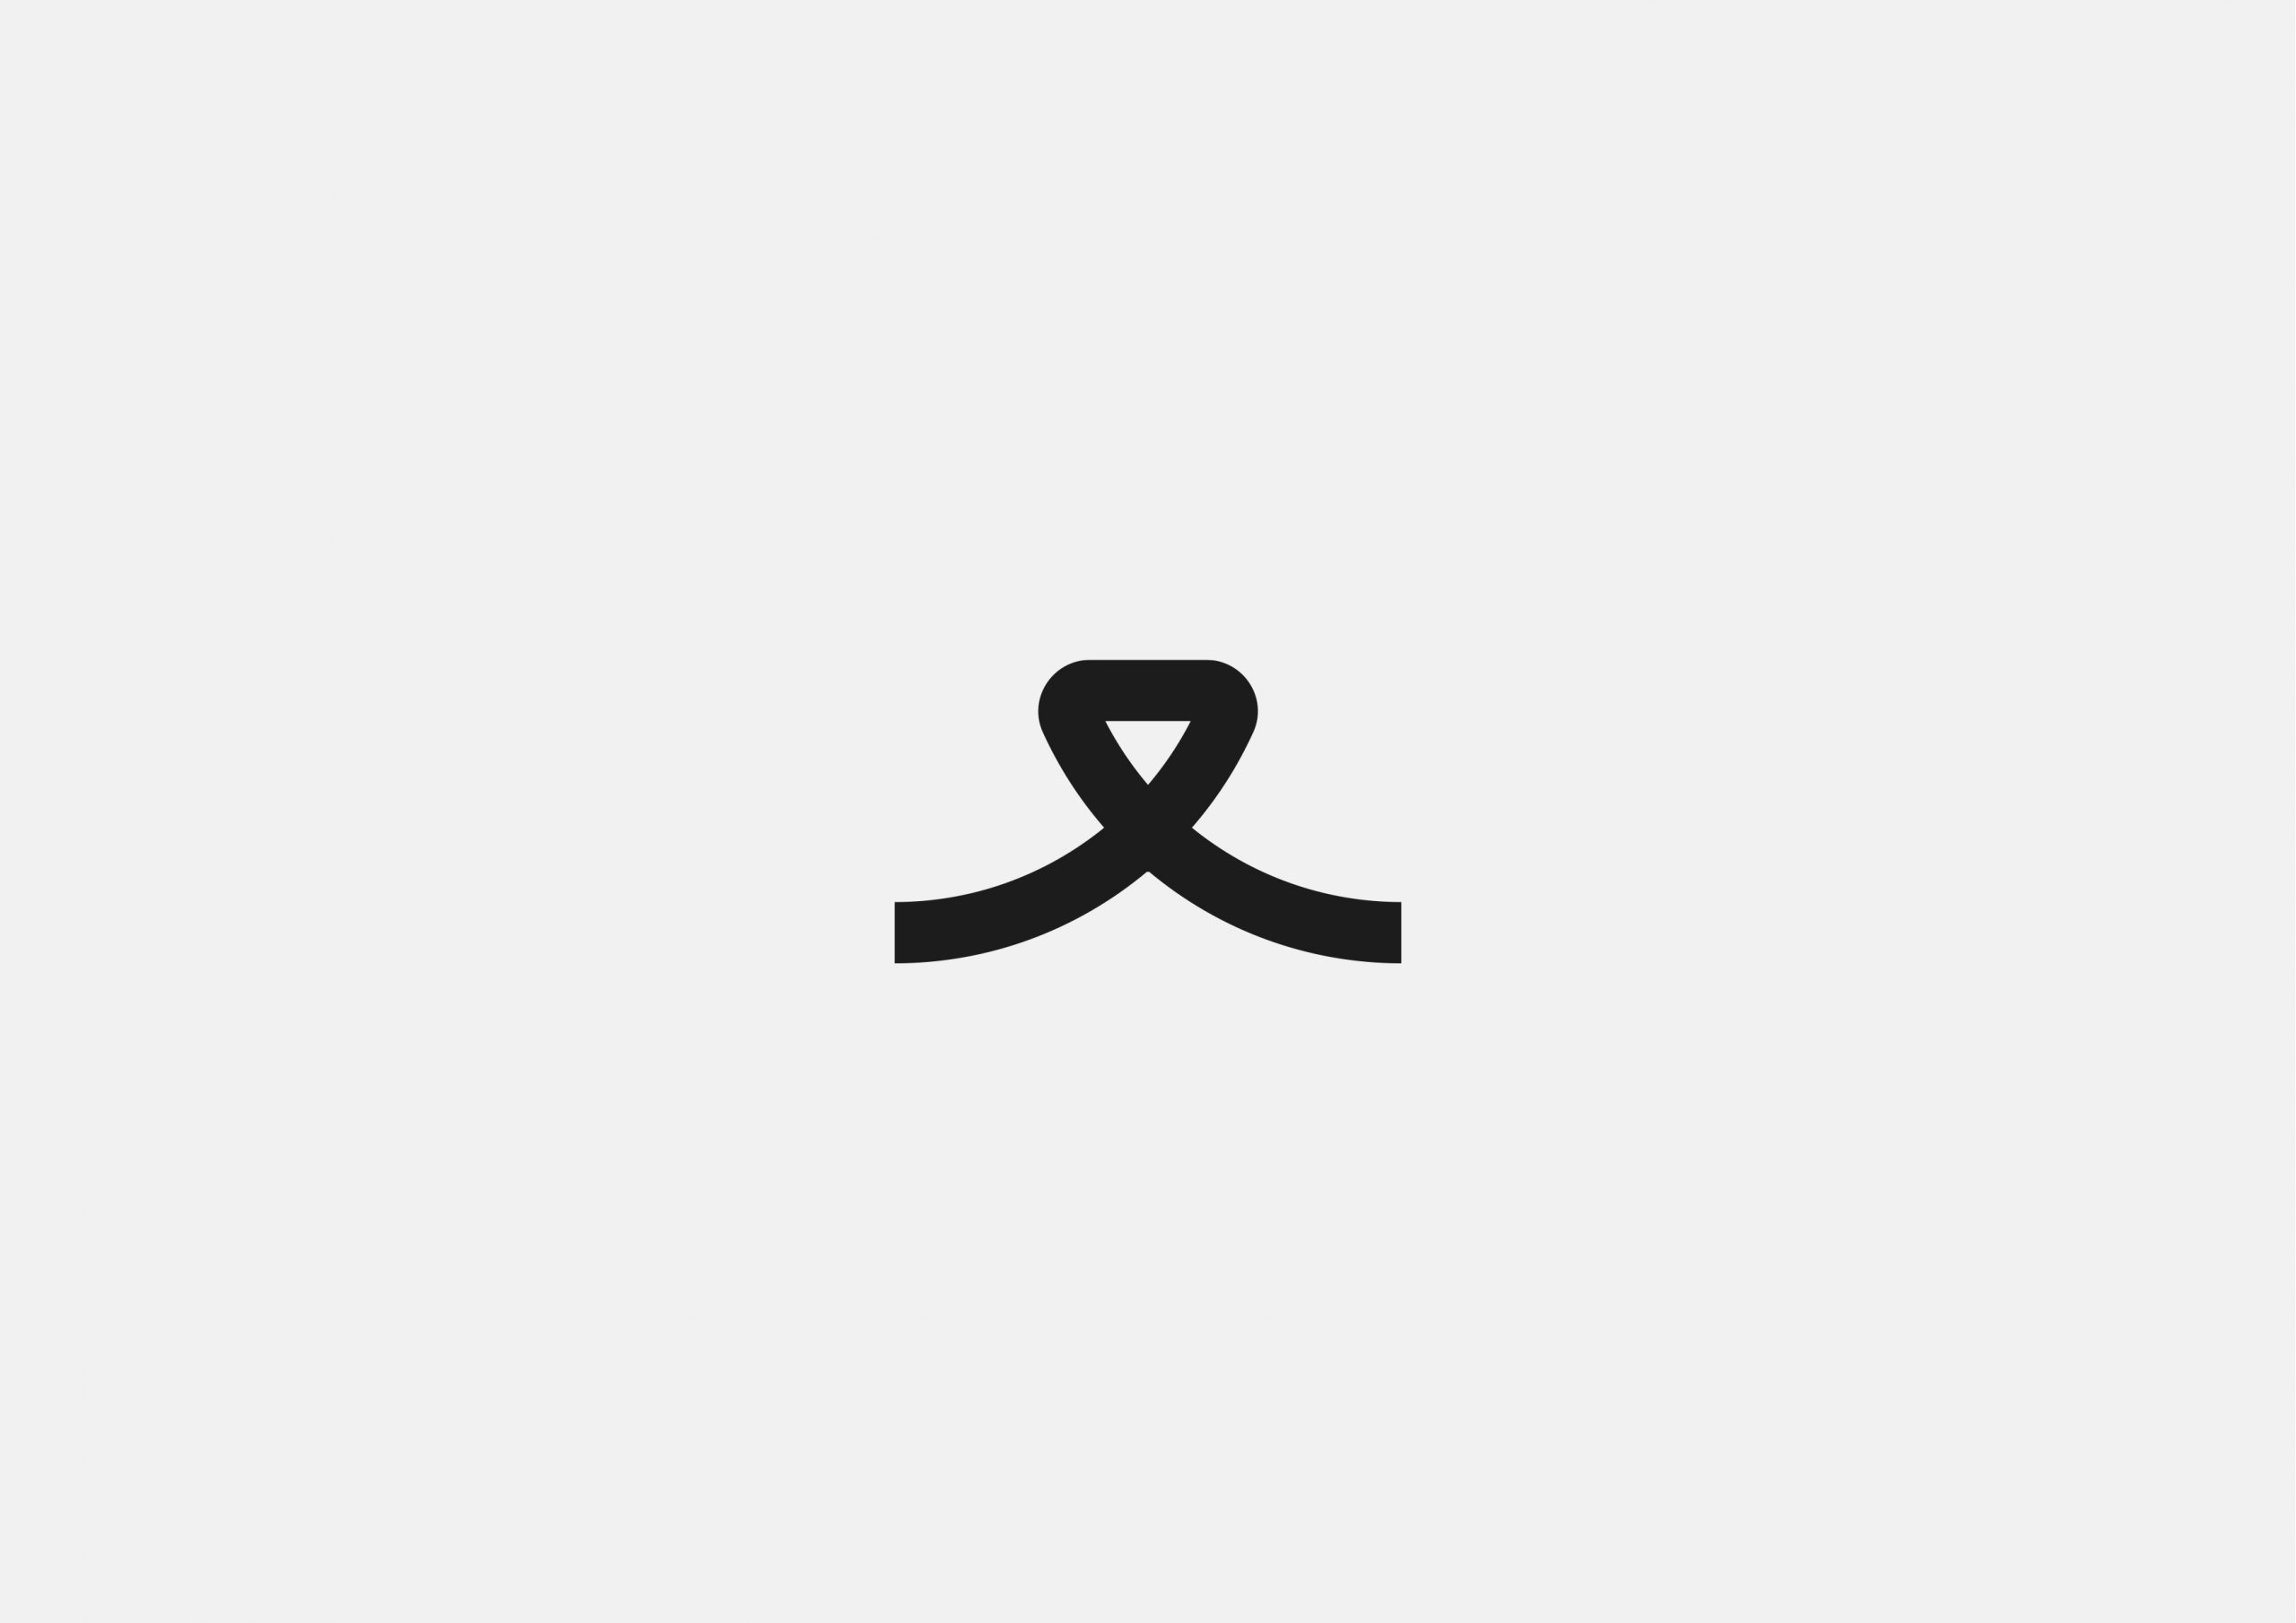 Hounds and Home logo design